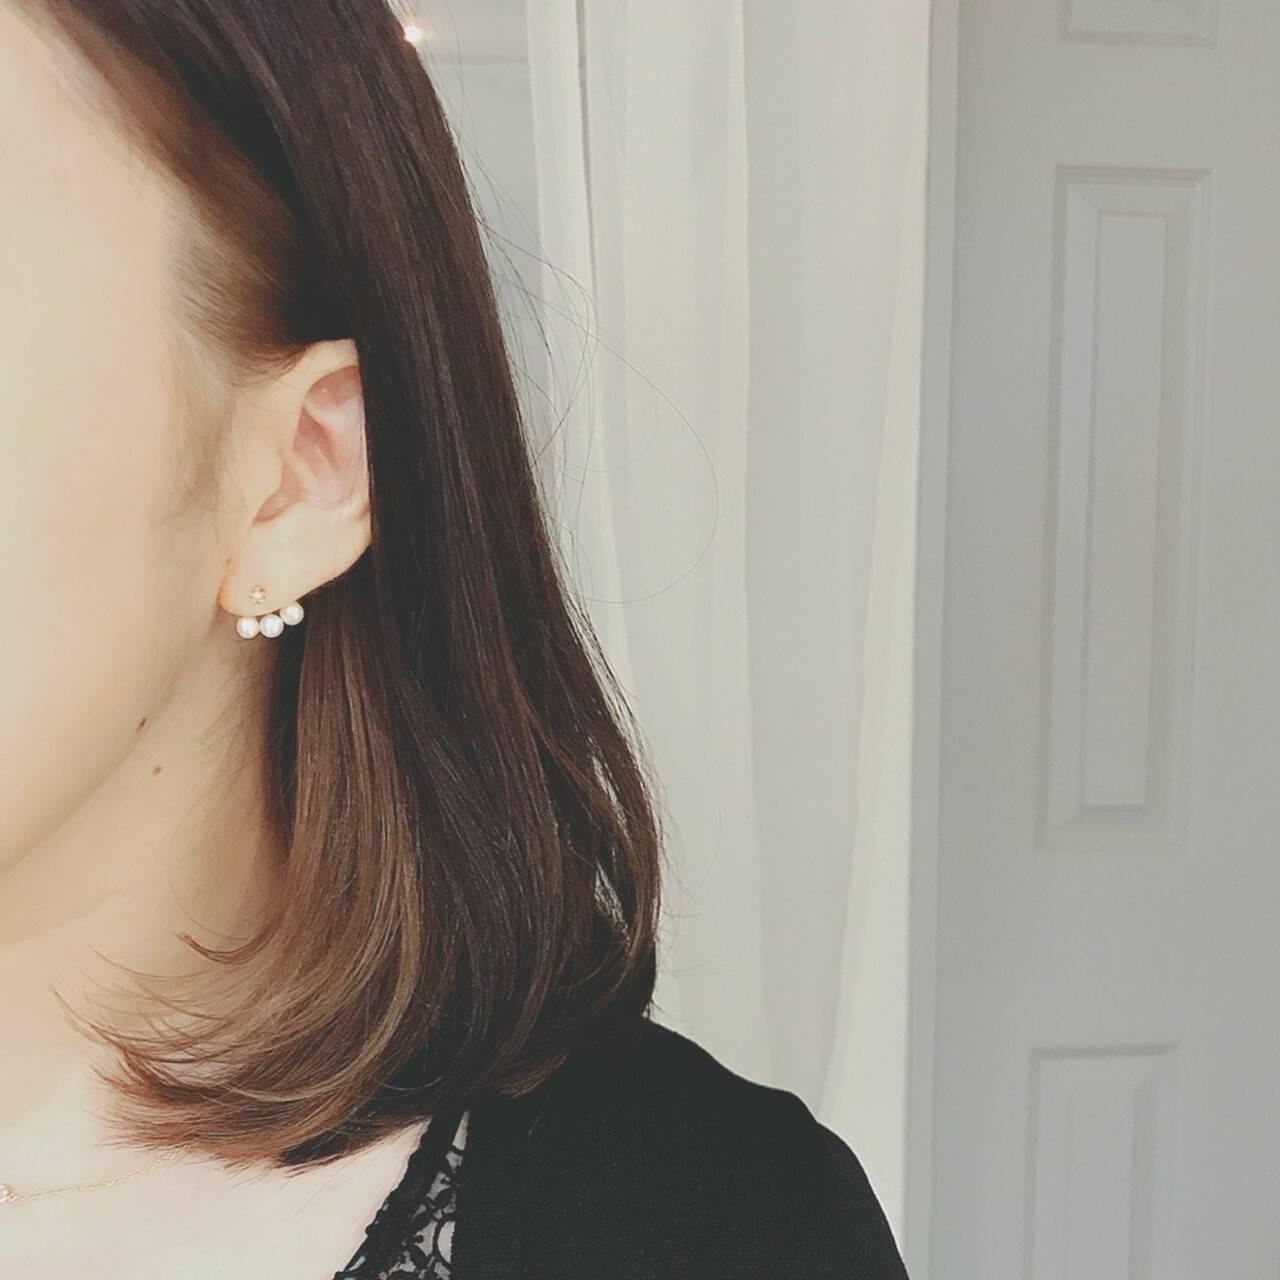 ミディアム 大人かわいい オフィス ゆるふわヘアスタイルや髪型の写真・画像